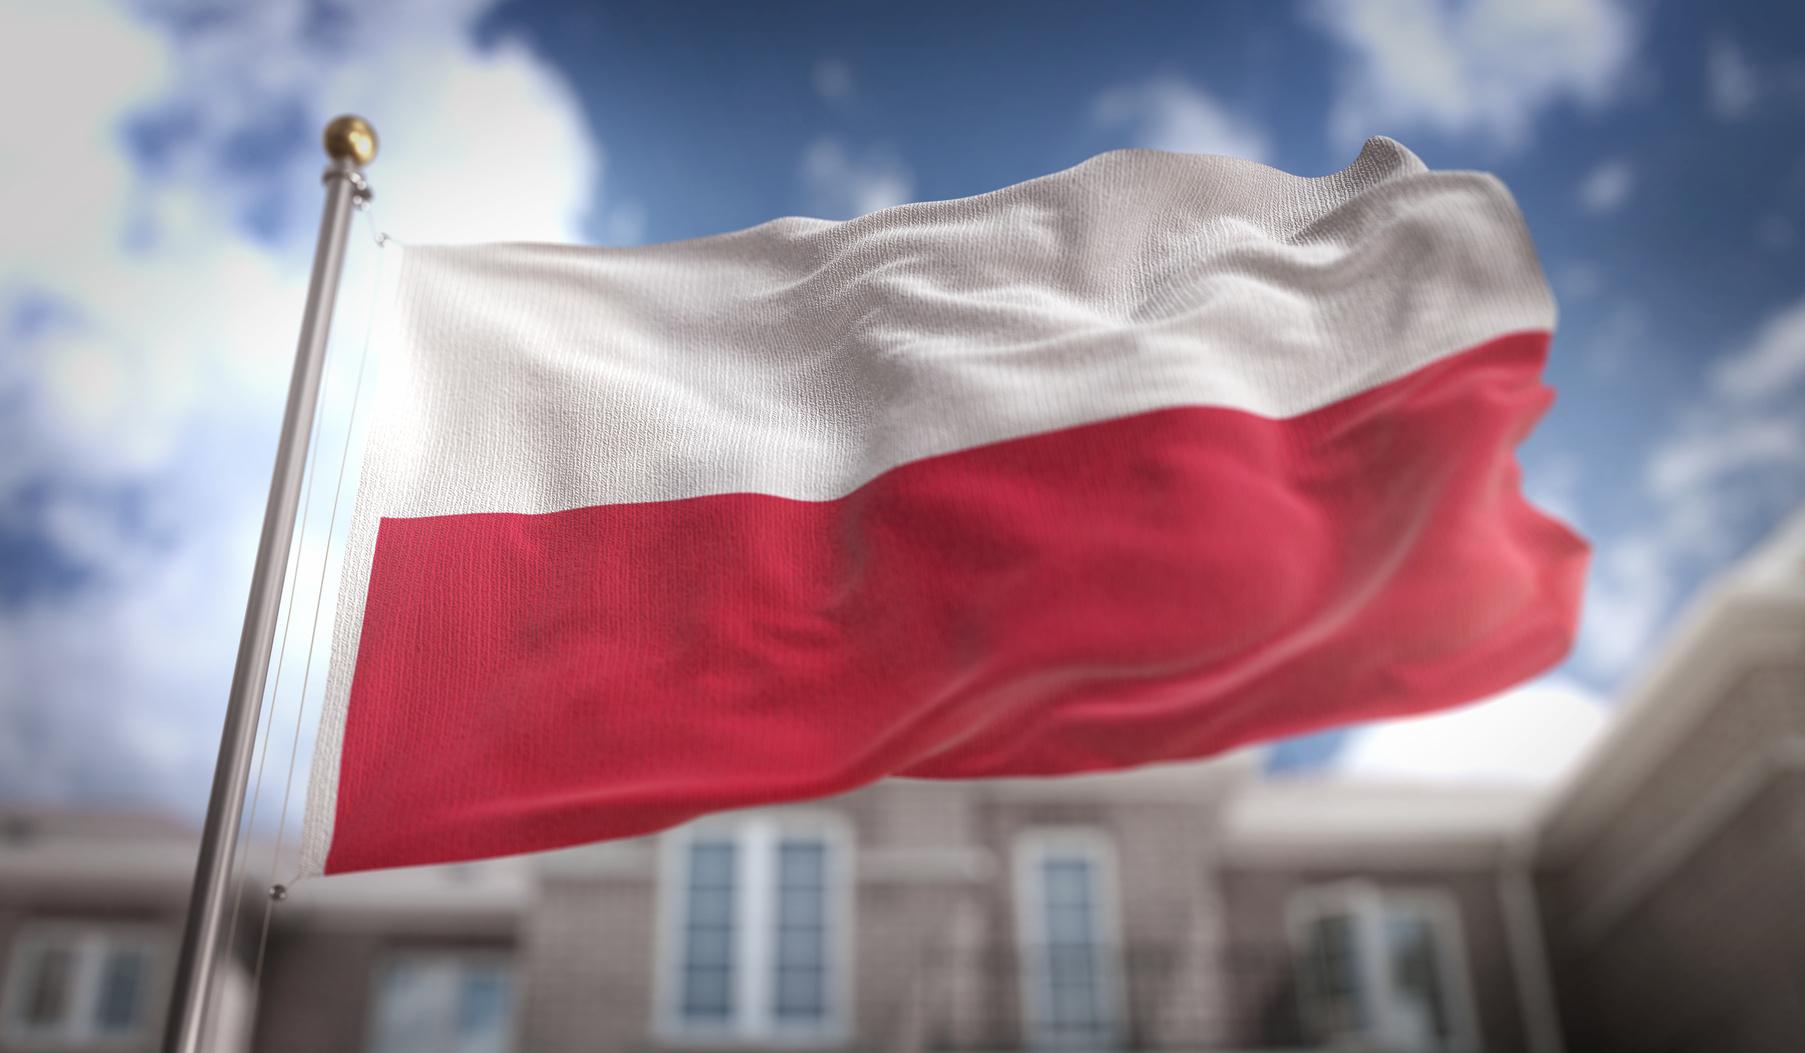 polska flaga polski - Fotolia